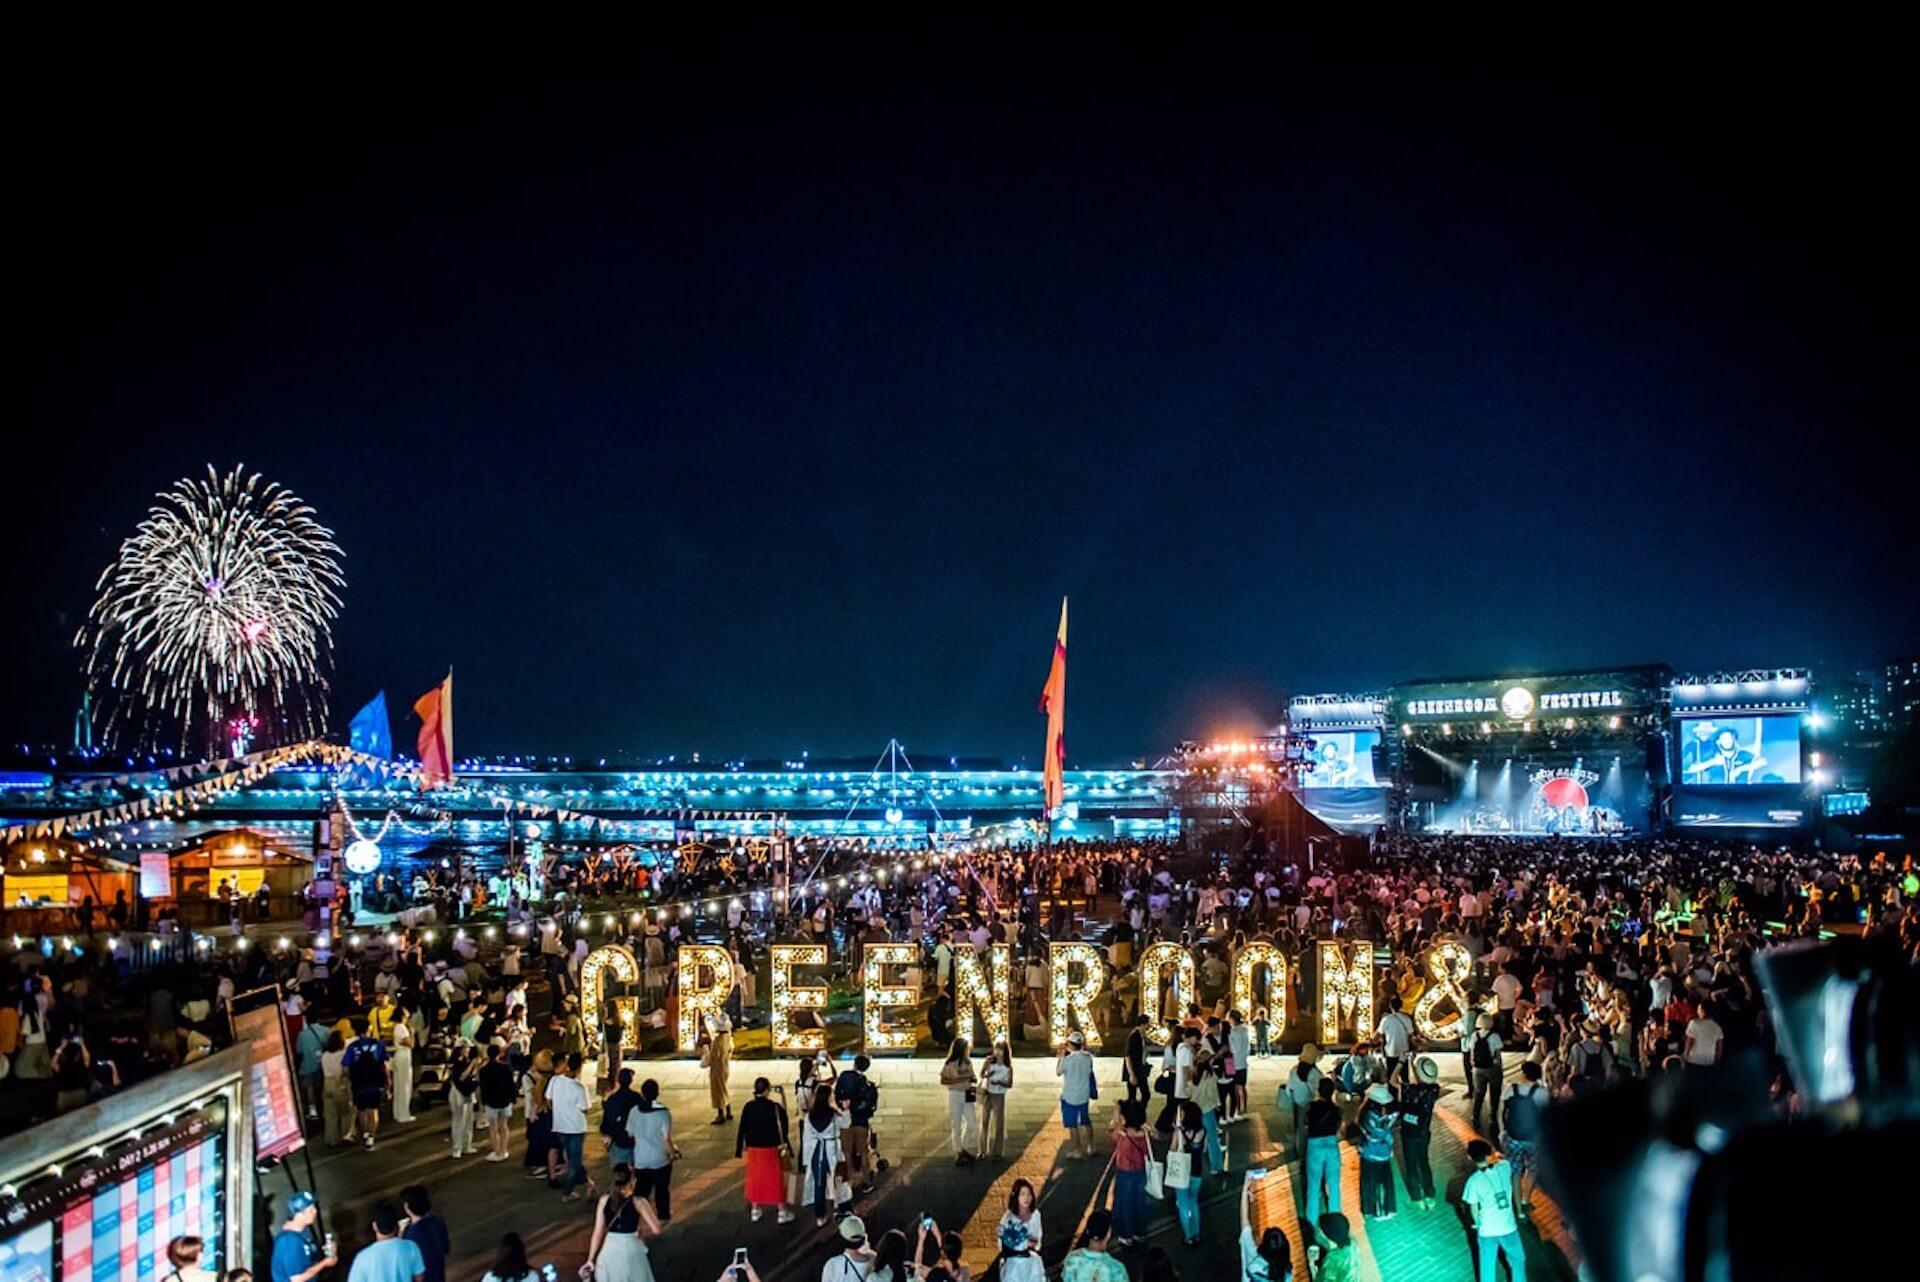 <GREENROOM FESTIVAL'20>が開催中止に music200801-greenroomfestival-3